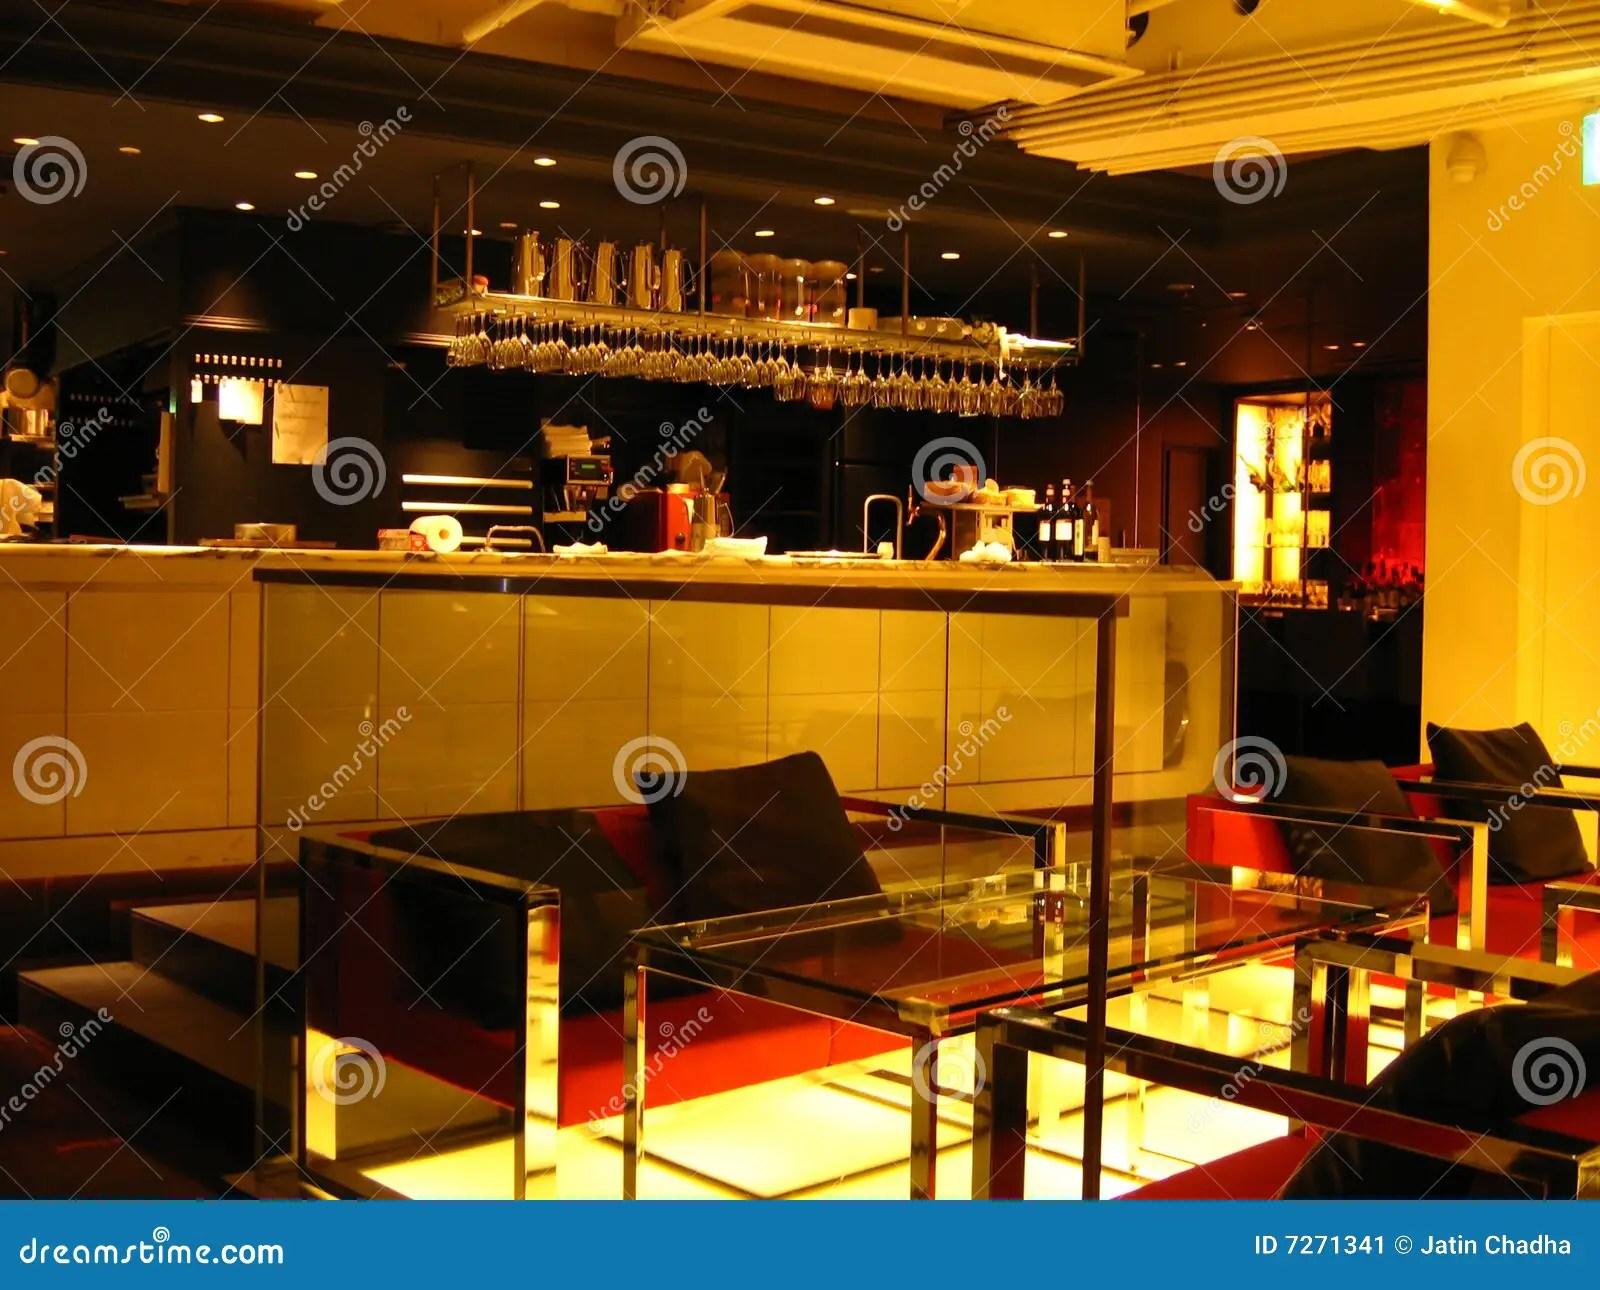 Japanese Lounge And Bar Stock Image  Image 7271341